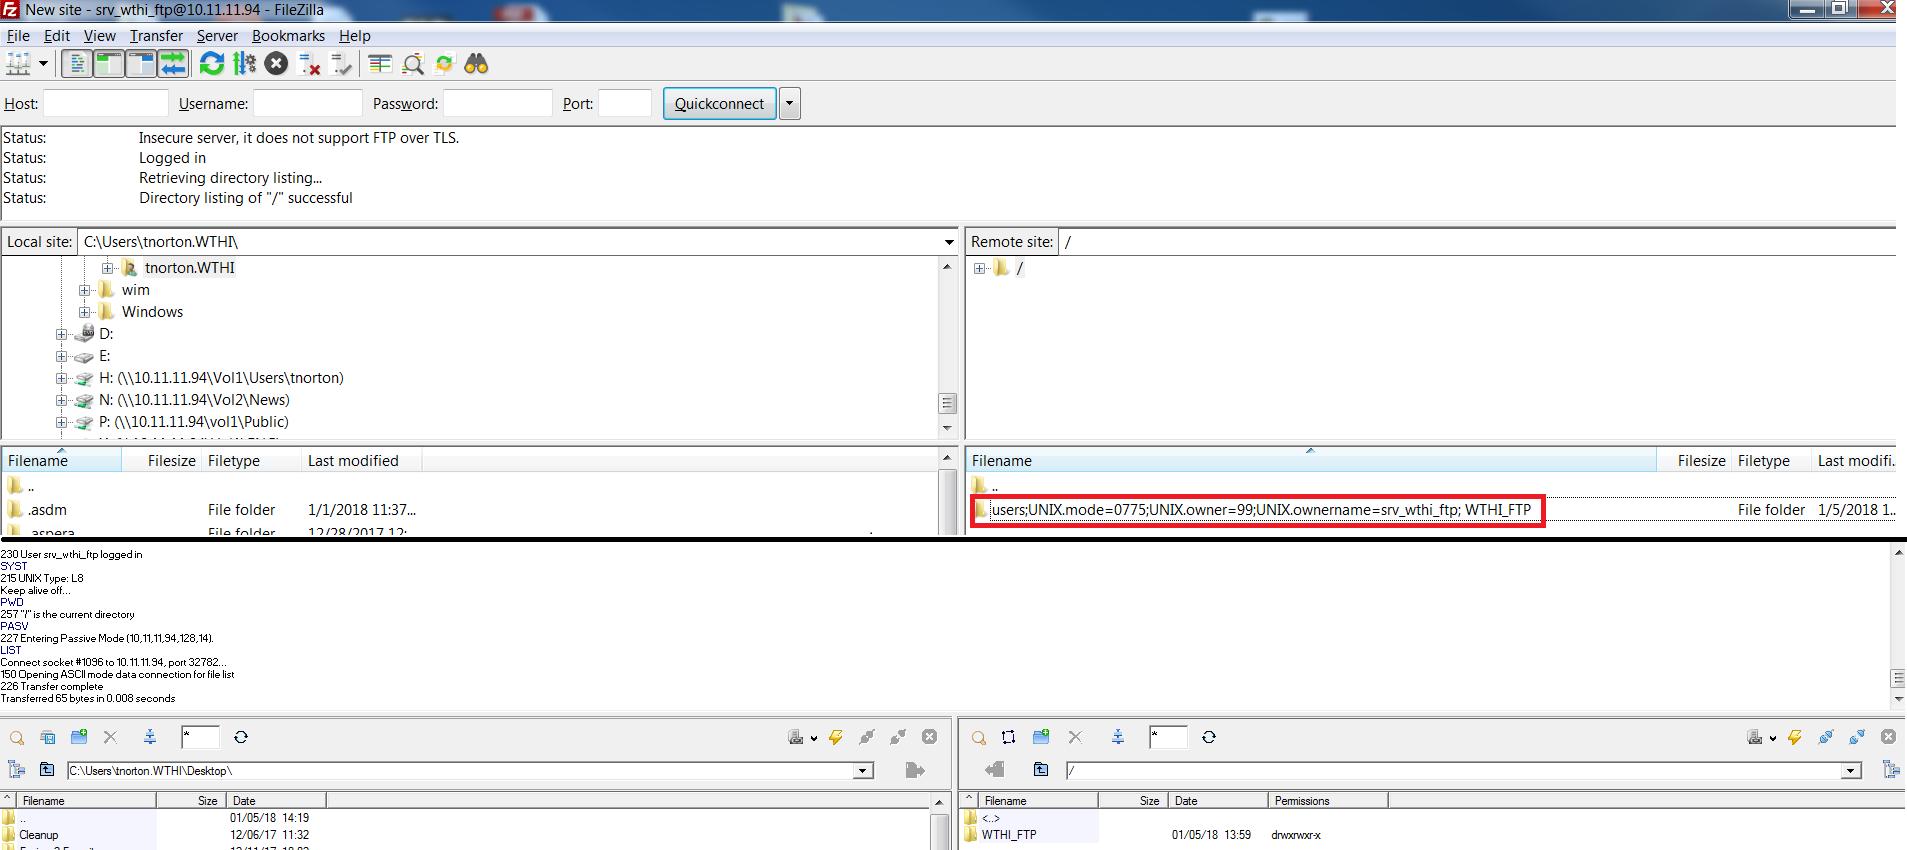 FTP Issue with Filezilla/WinSCP - NETGEAR Communities